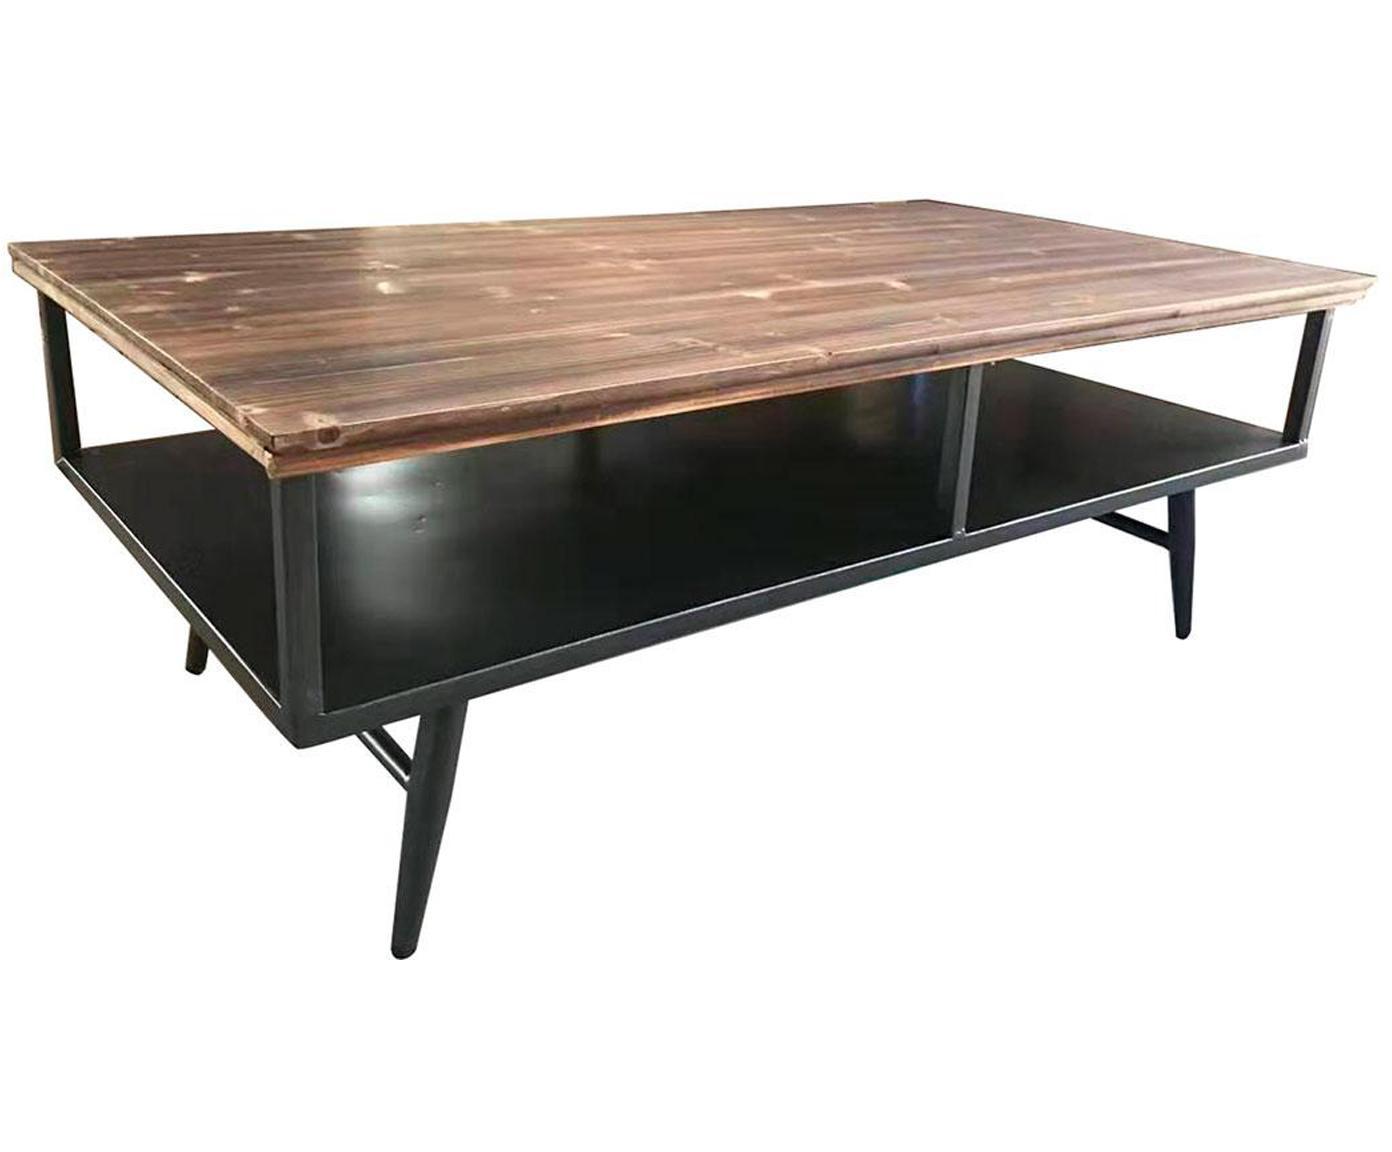 Mesa de centro Aina, Tablero: madera, Marrón, negro, An 125 x F 66 cm